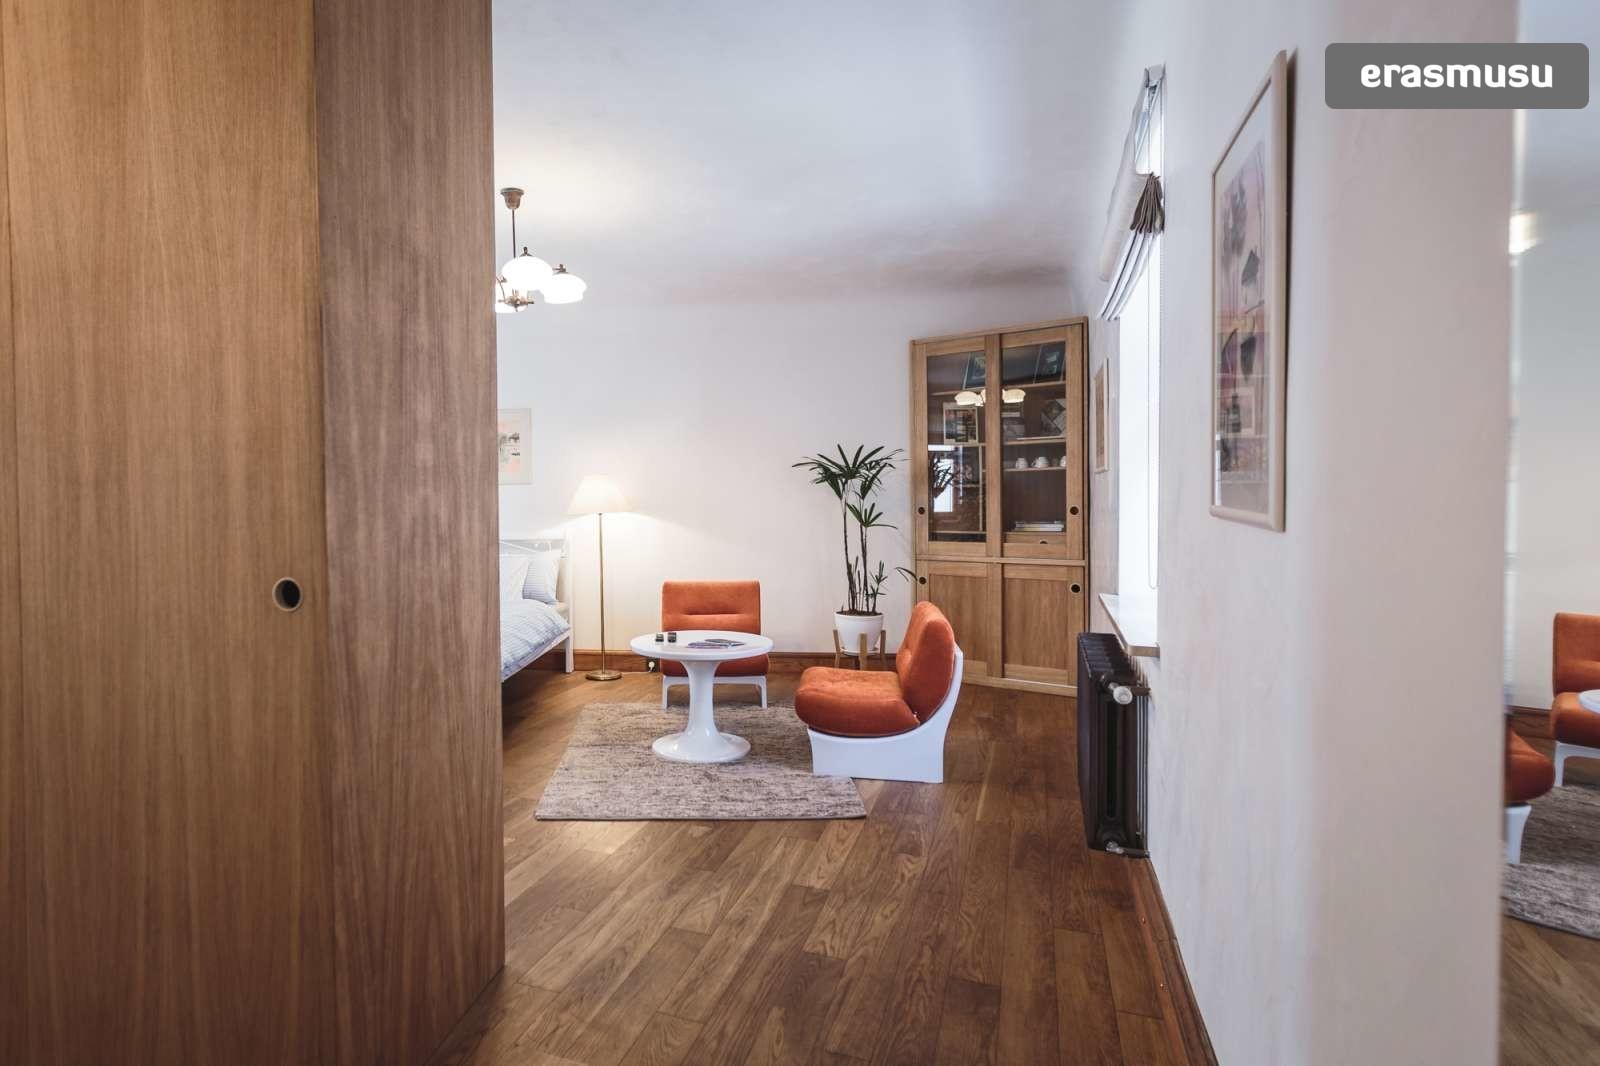 stylish-studio-apartment-rent-vecriga-6f18a63da9e6e76deb5c6a8e7c